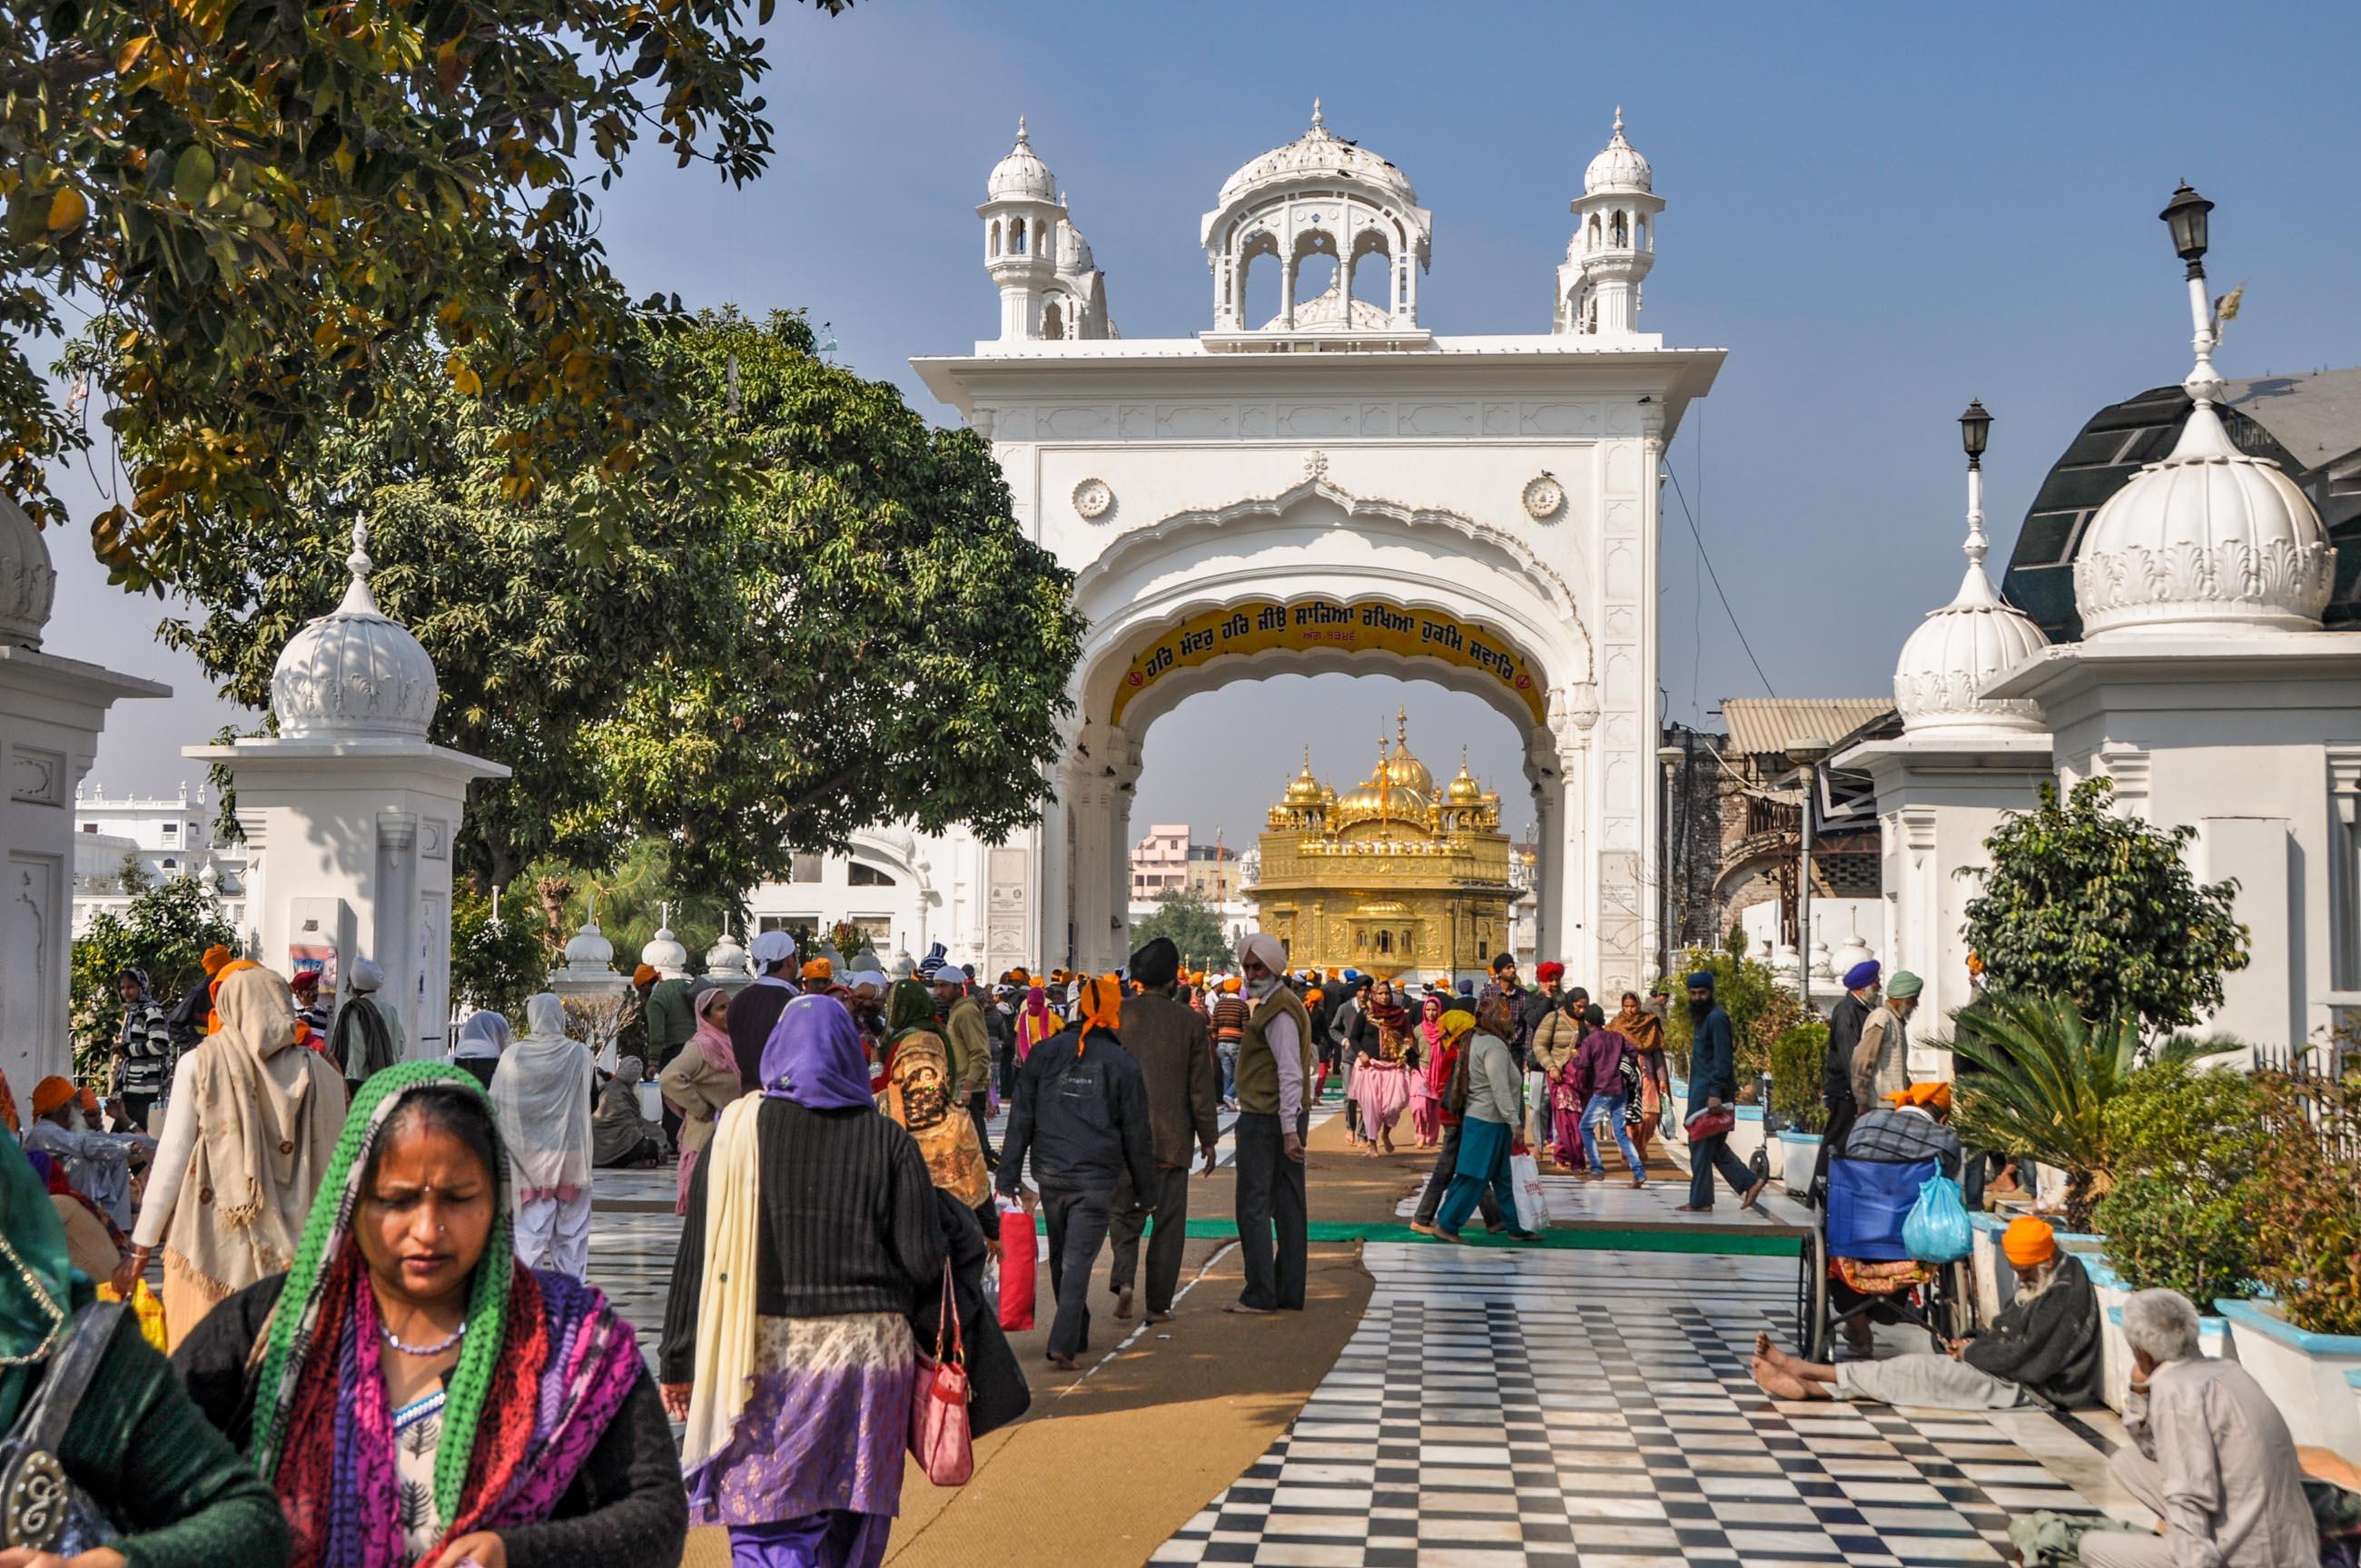 https://bubo.sk/uploads/galleries/4920/tomas_kubus_india_amritsar_dsc_0198.jpg